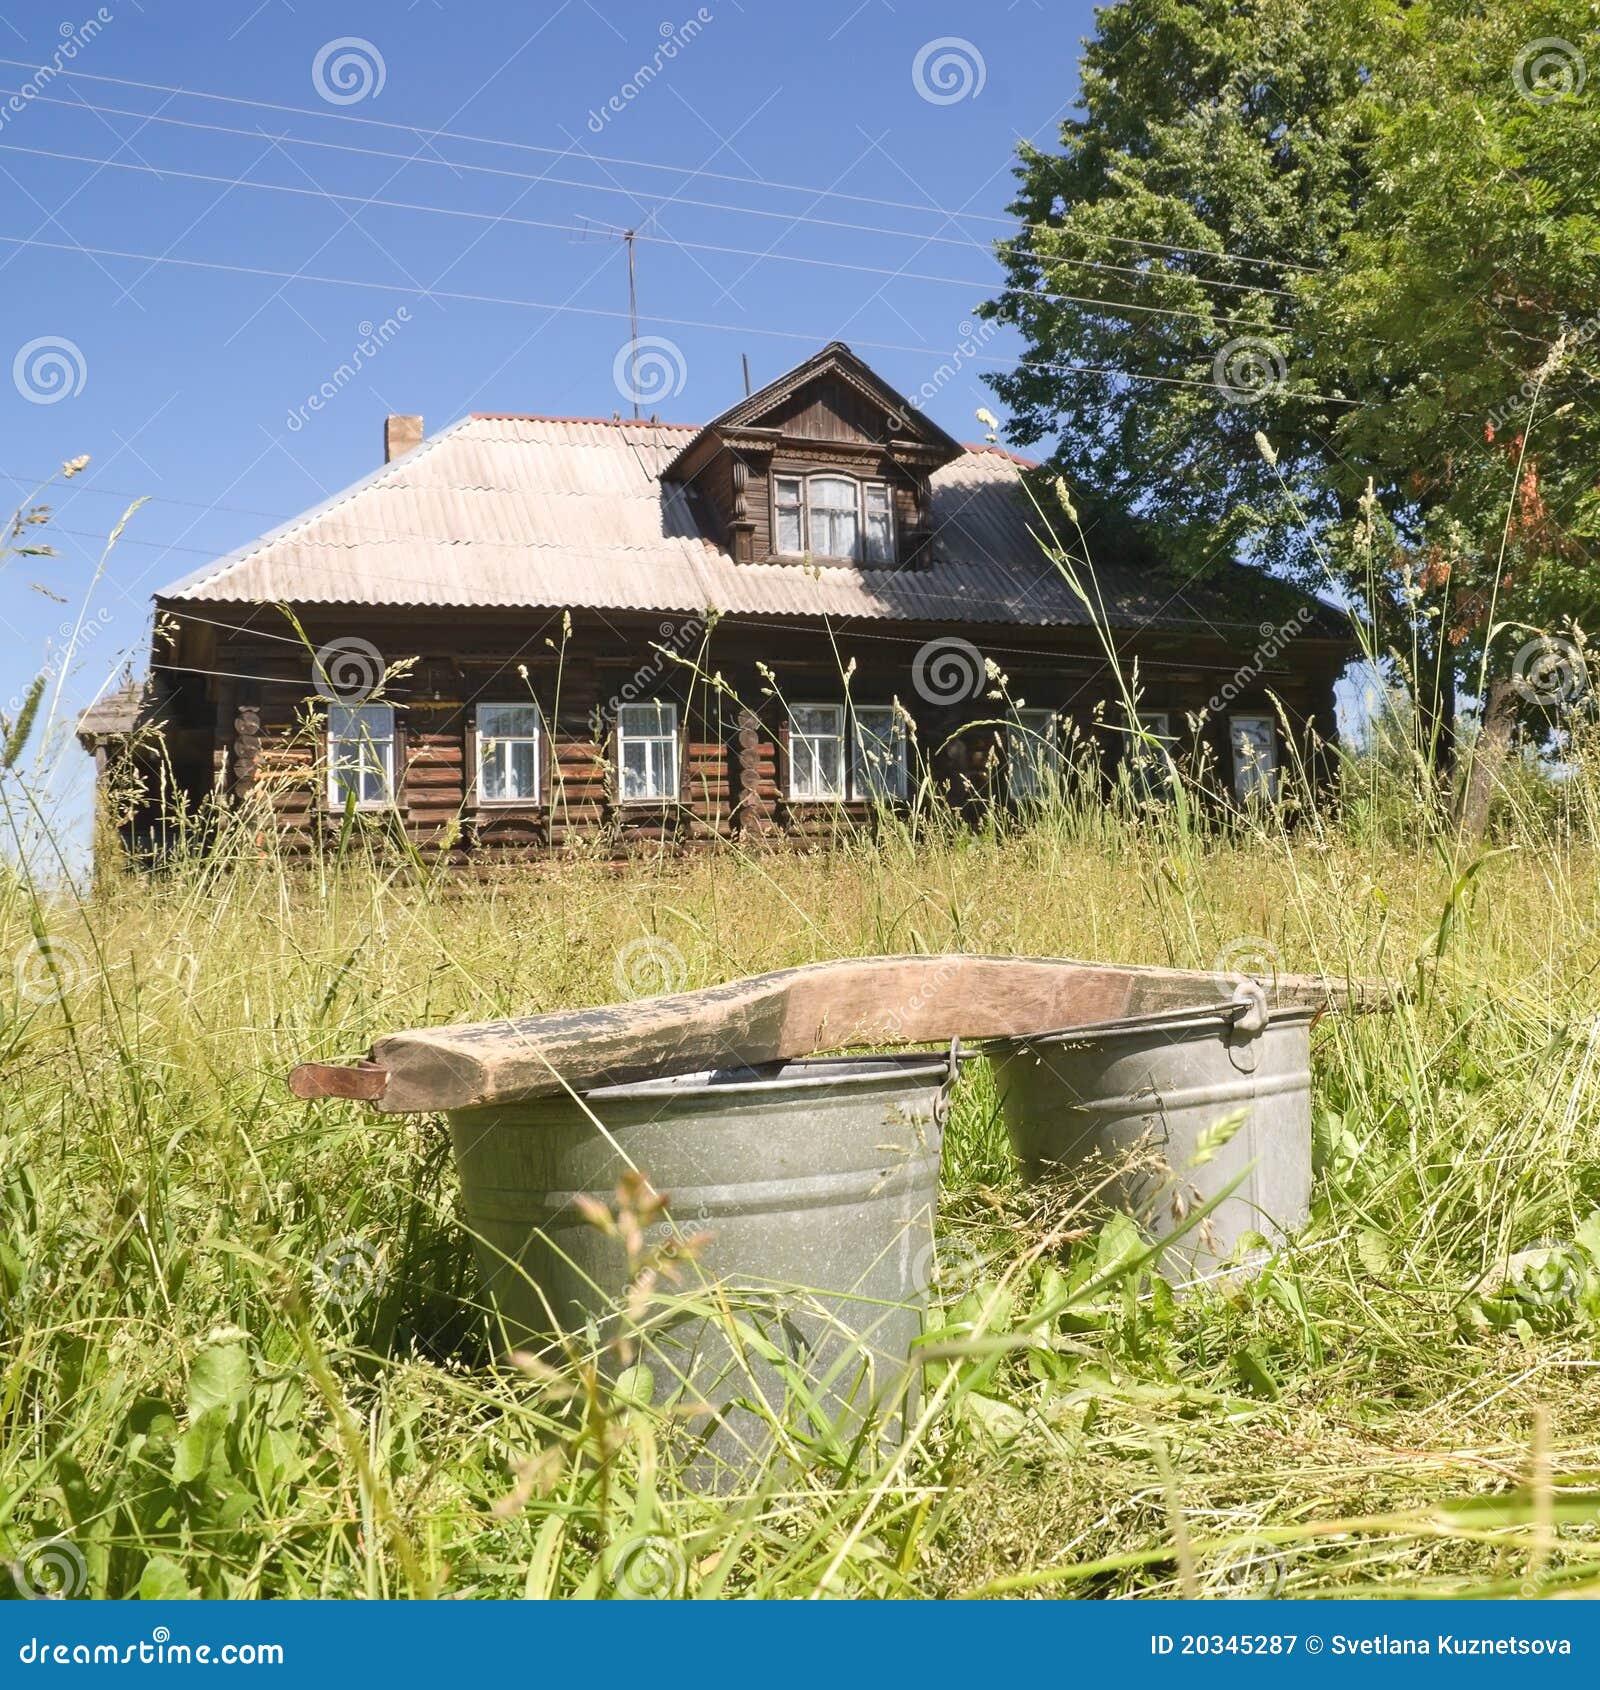 Emmers op de achtergrond van een dorpshuis